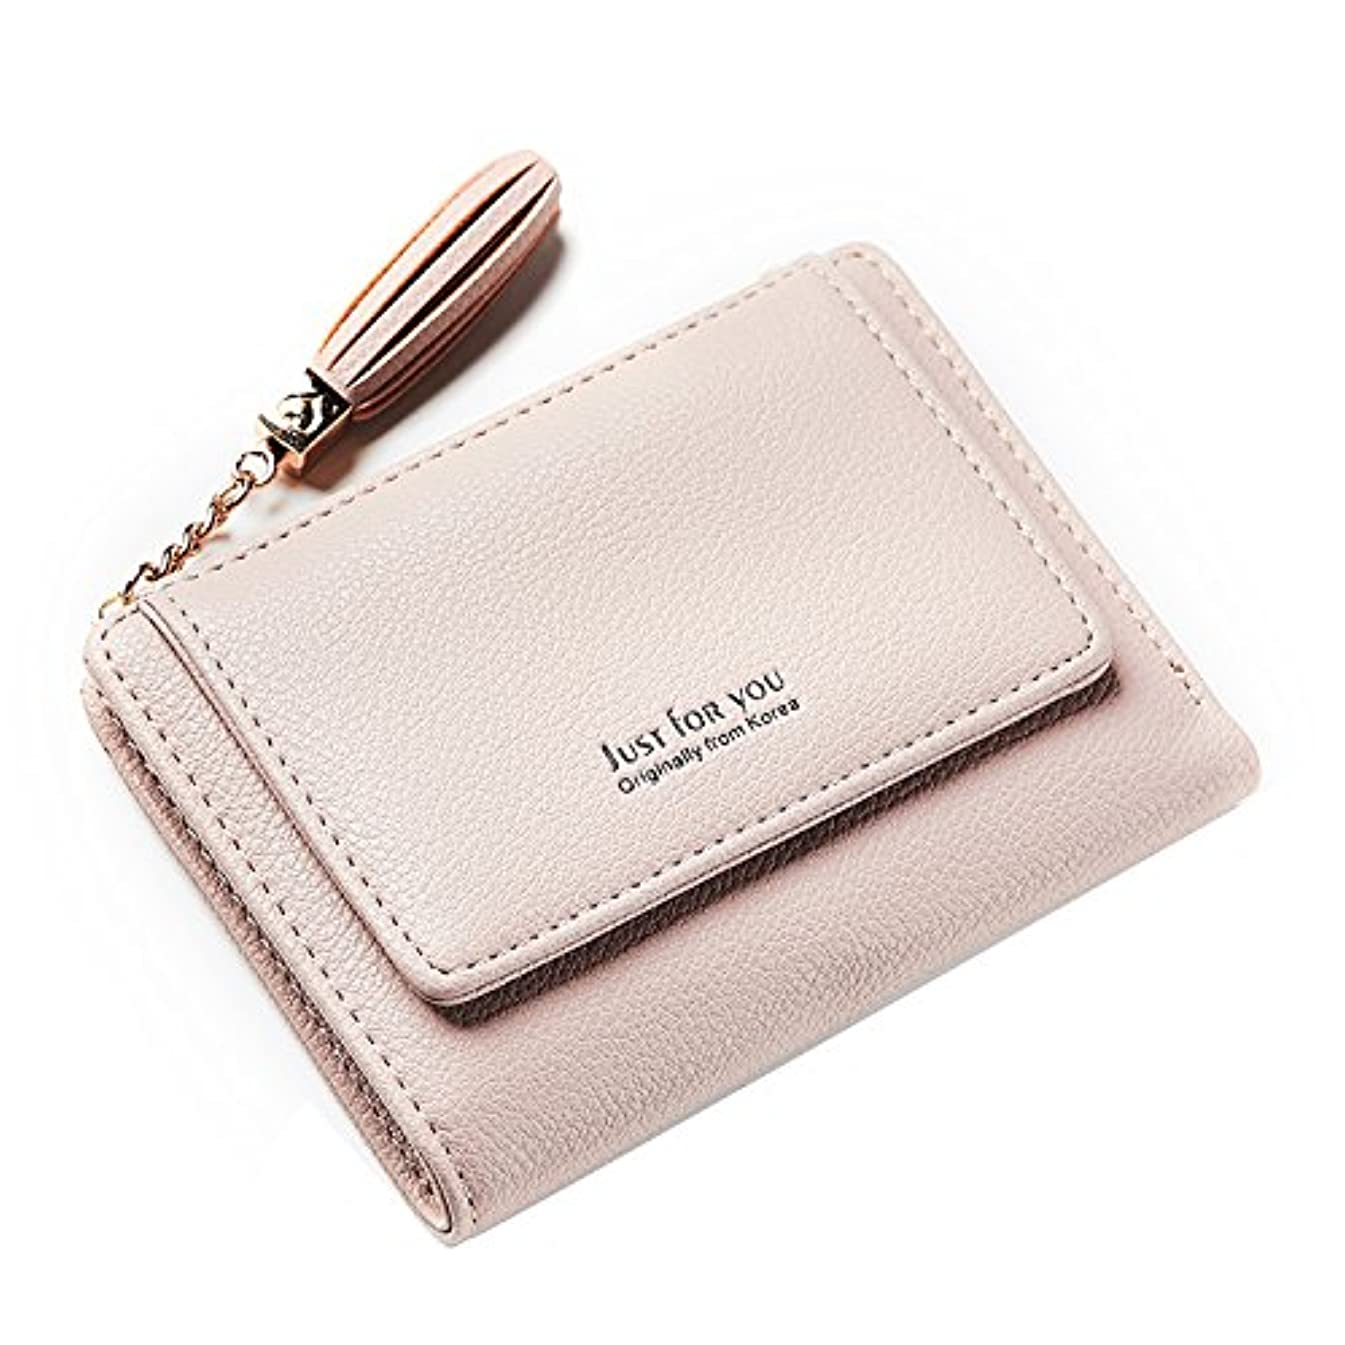 小さなロードされたブリッジTcIFE ミニ財布 レディース 二つ折り 人気 小さい二つ折り財布 がま口小銭入れ 女性用 友達 家族にプレゼント